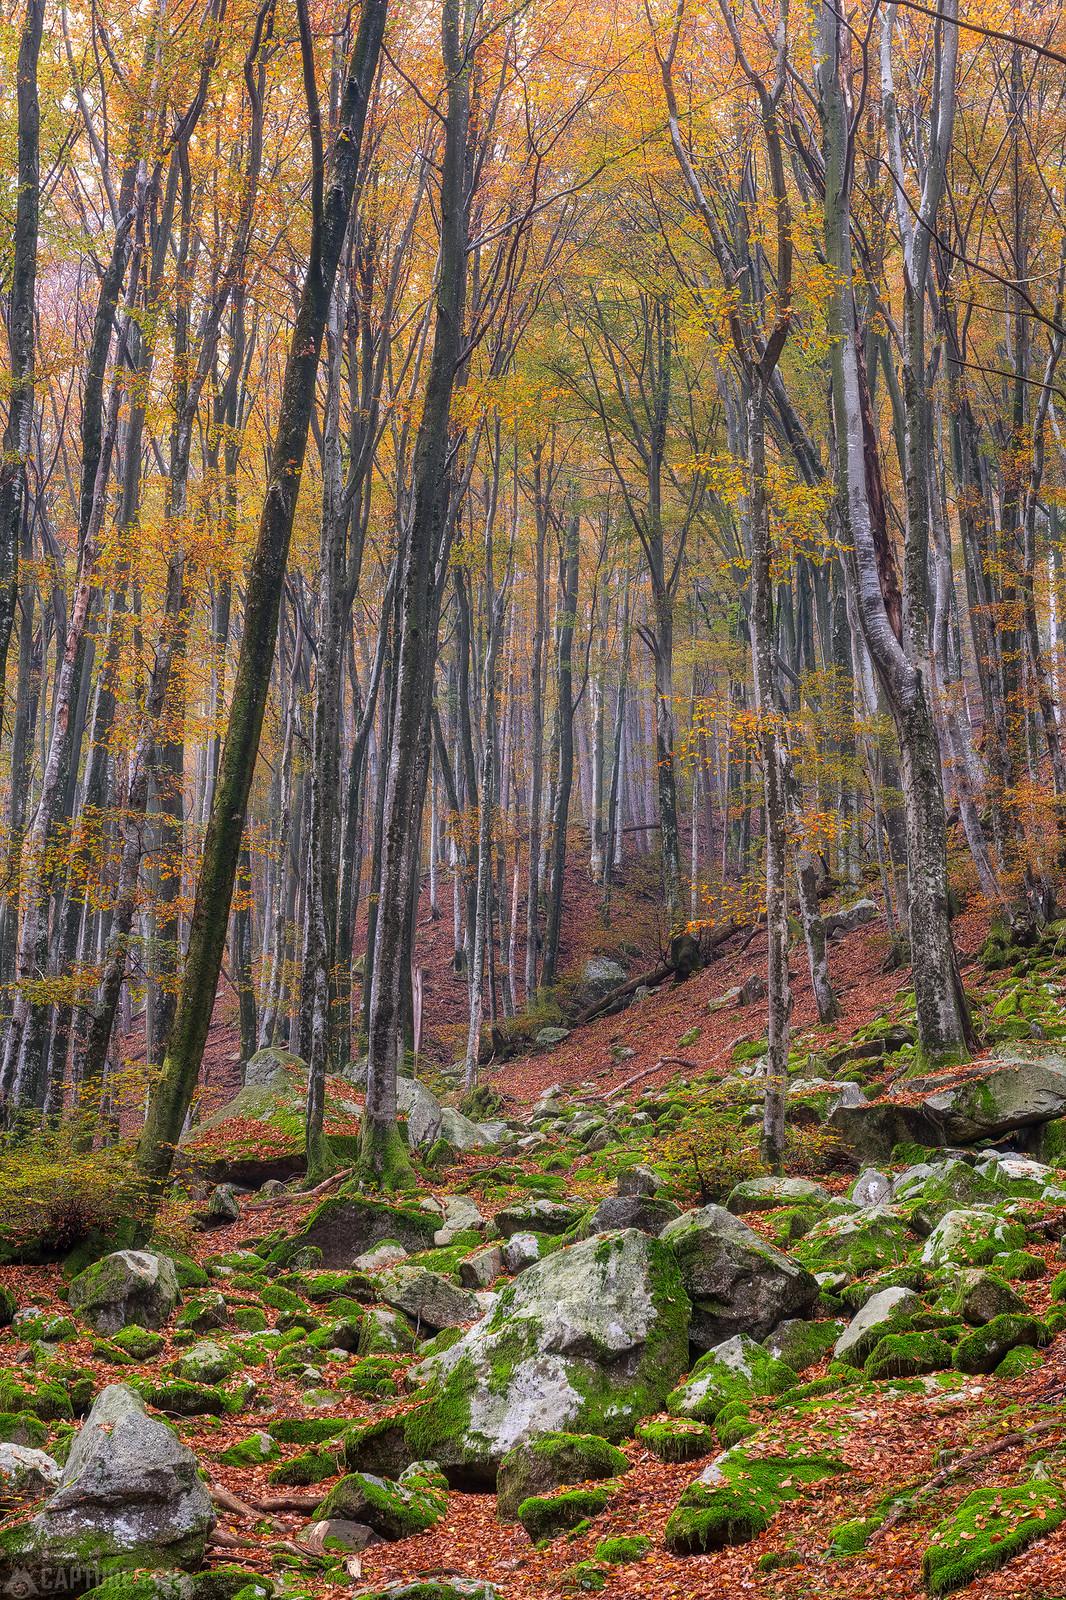 Colored forest - Lavertezzo